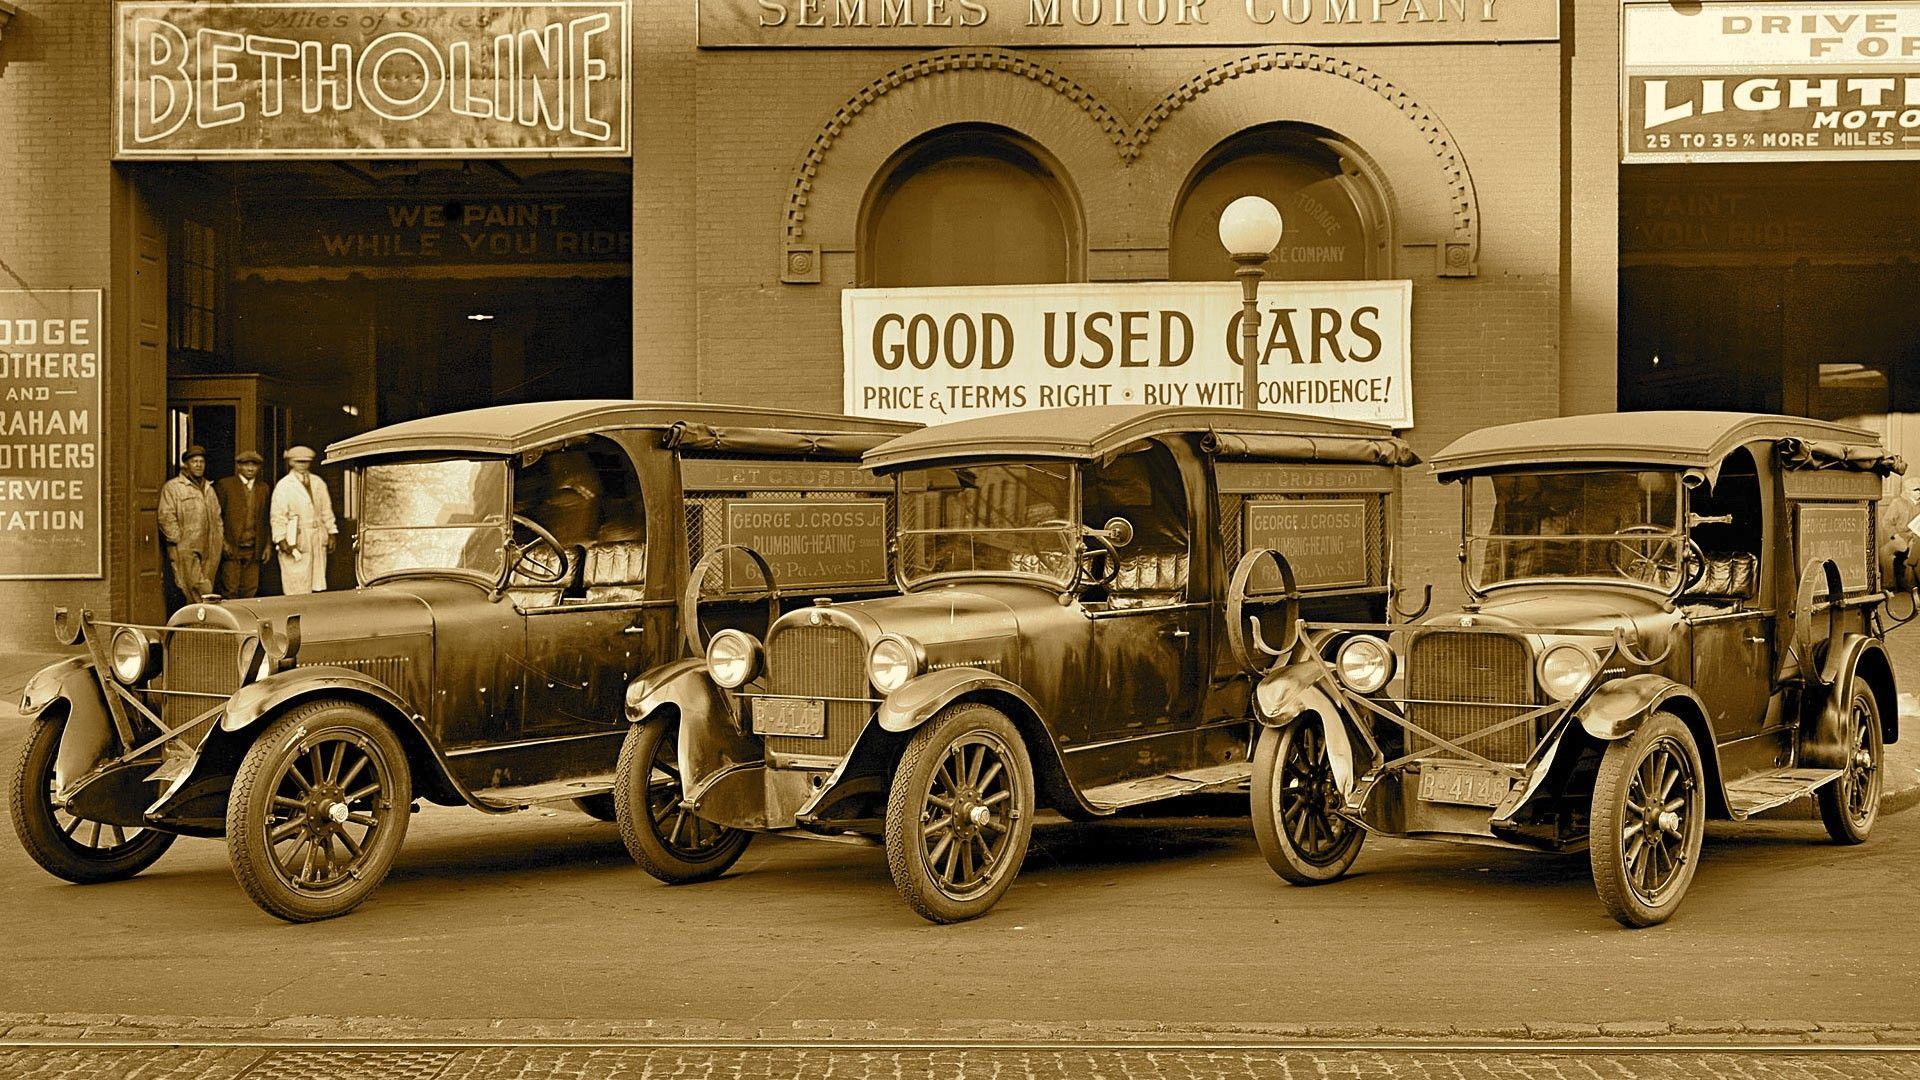 Vintage Car Sales | Old Car and tractor Dealerships | Pinterest ...